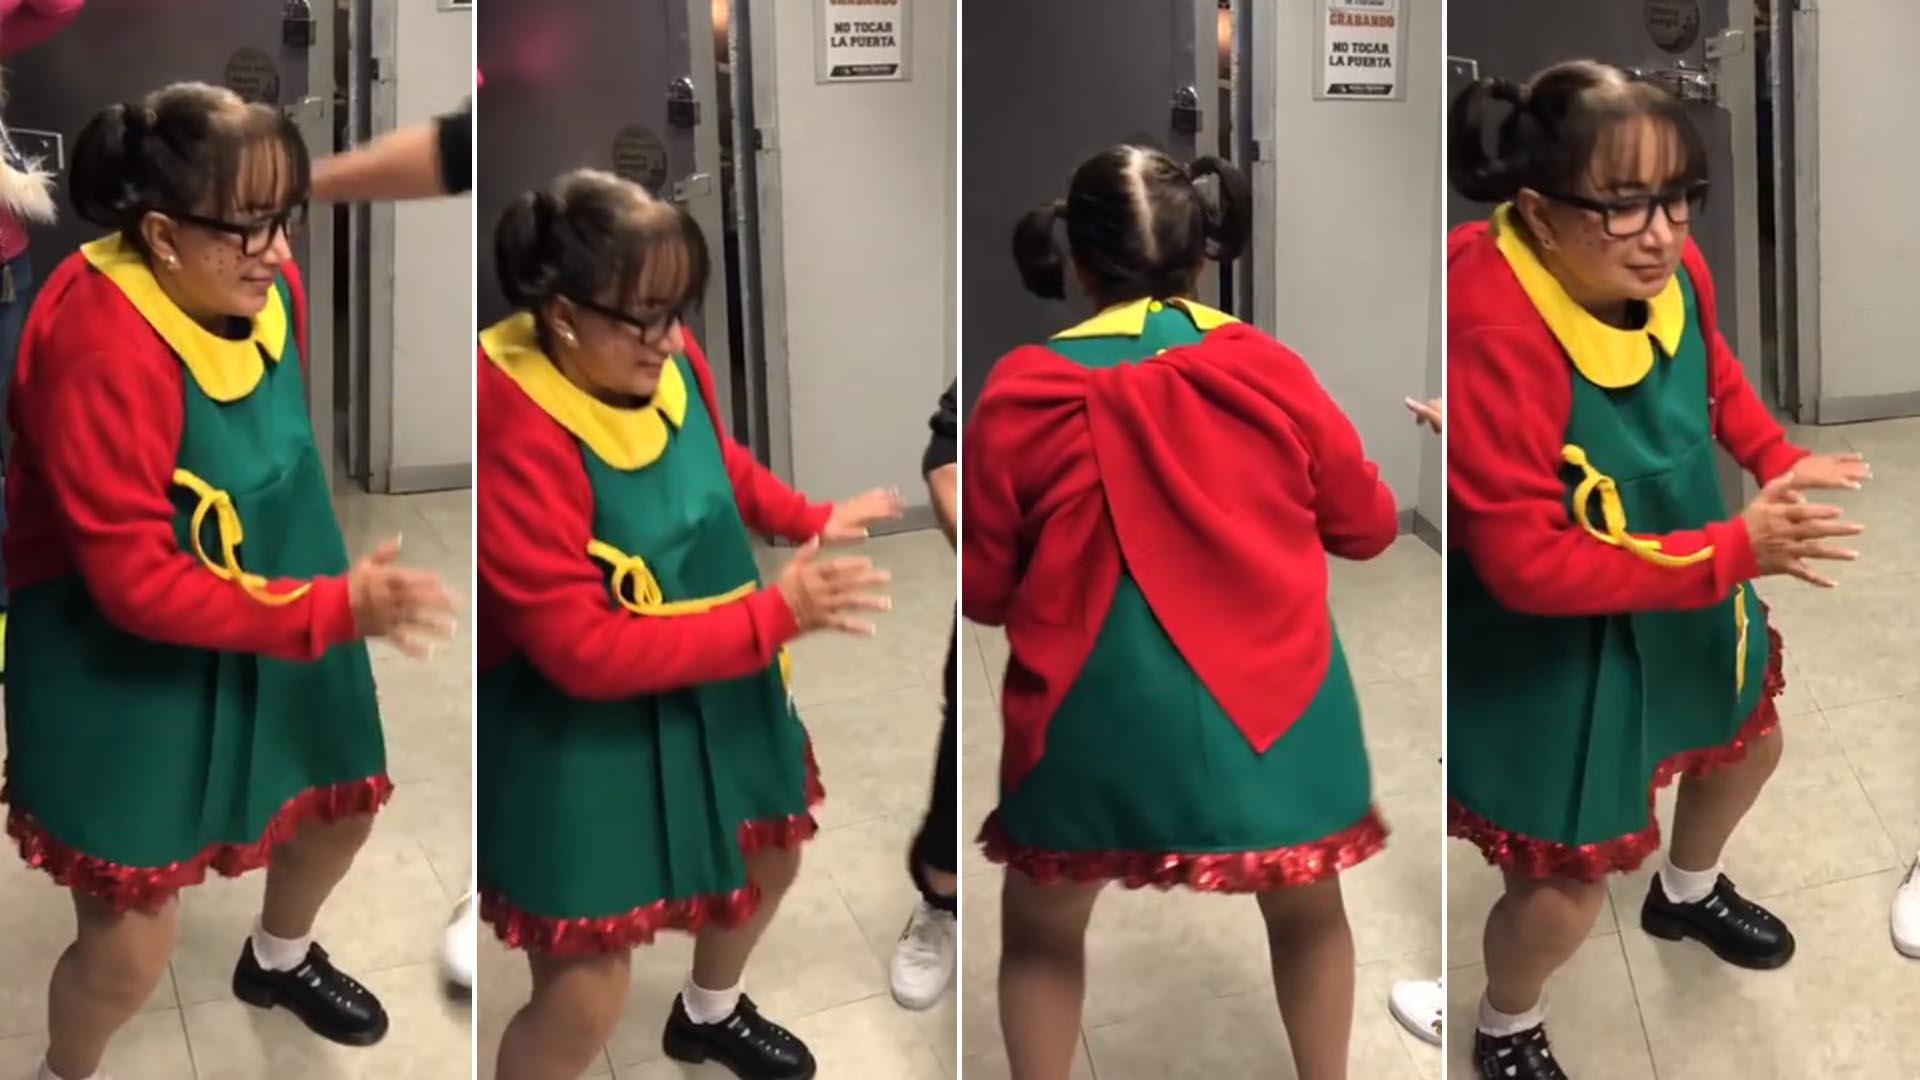 La Chilindrina aprendió a bailar reggaetón ¡a los 67 años! - Infobae